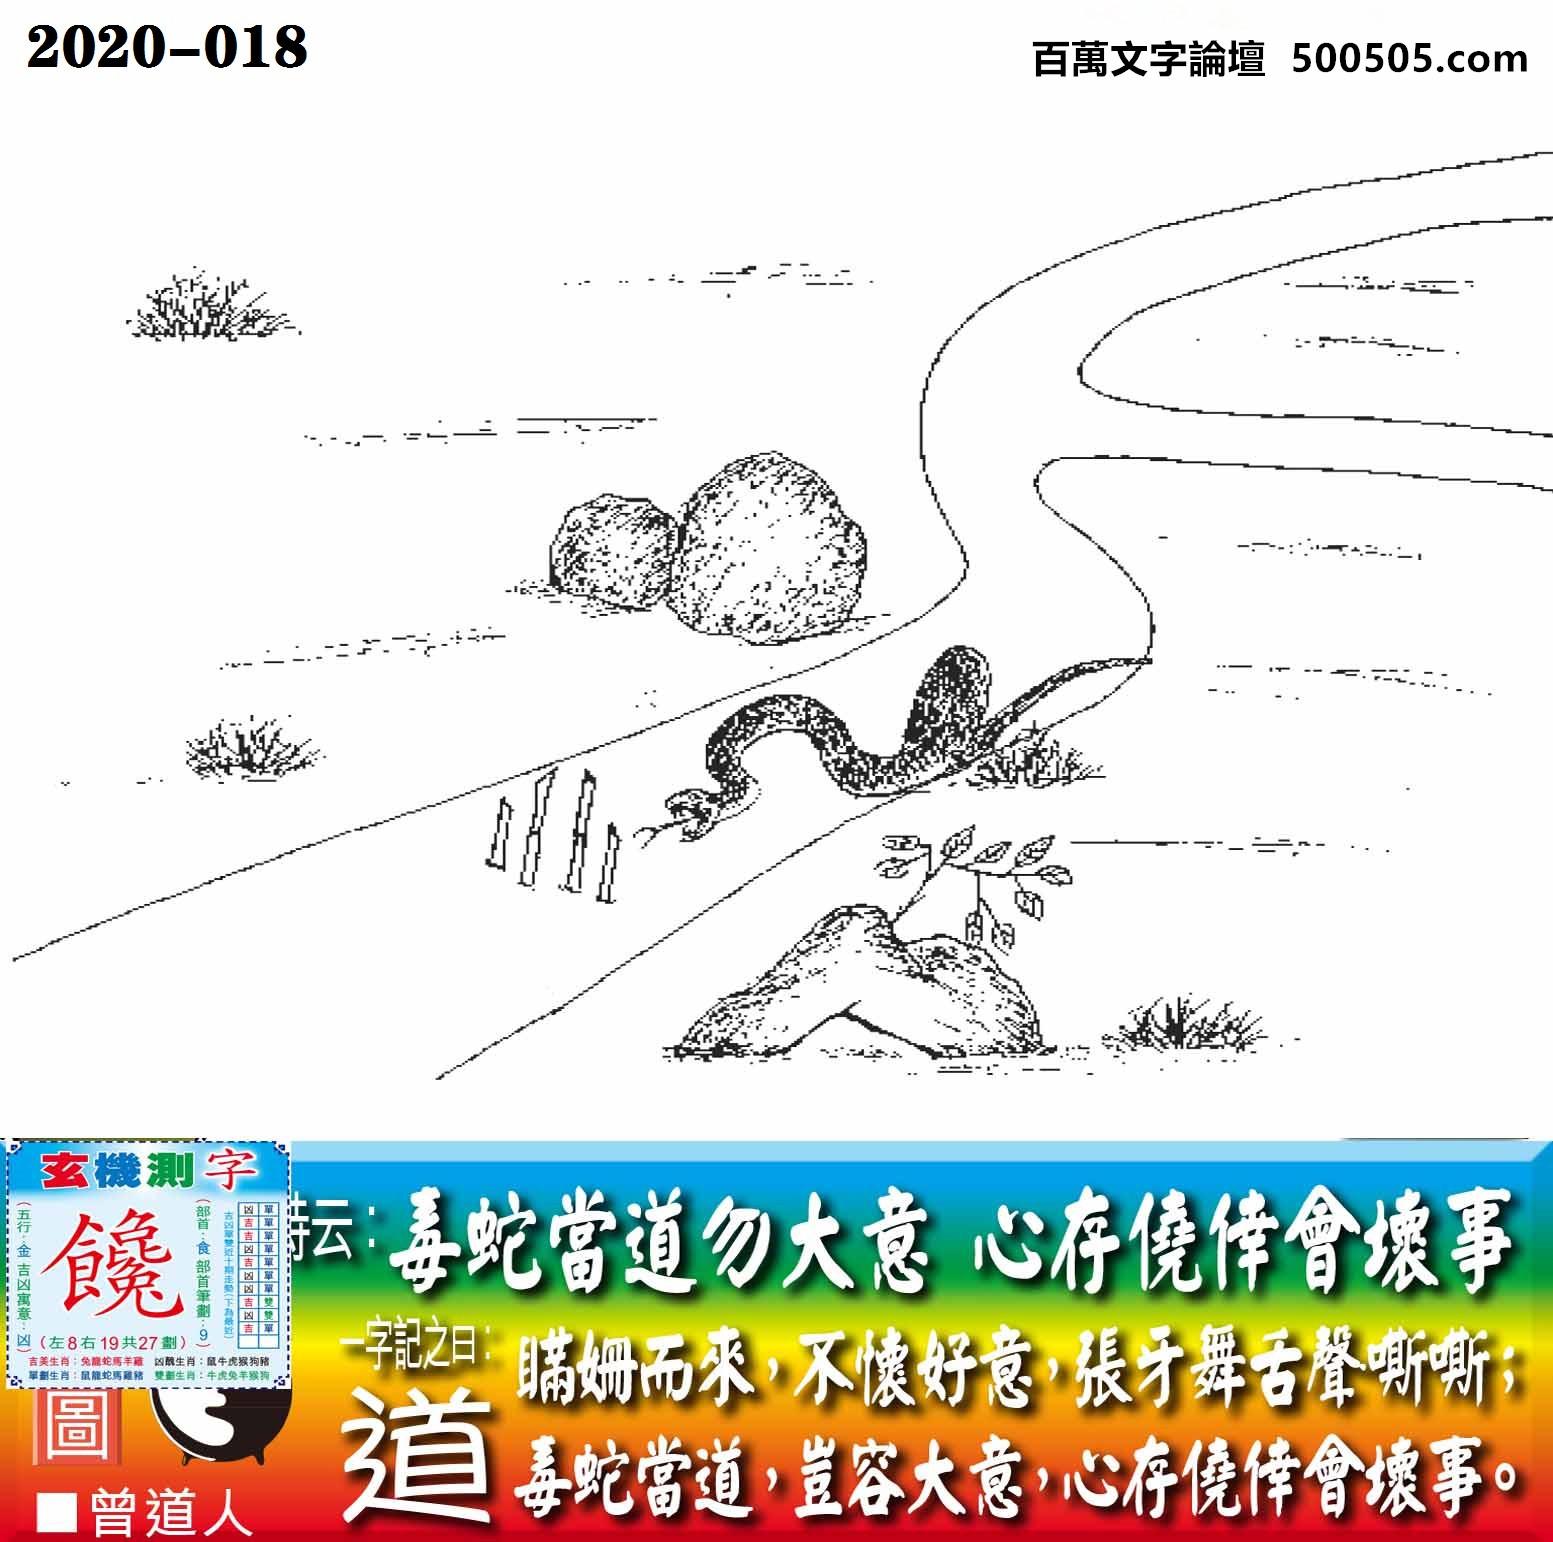 018期老版跑狗一字�之曰:【道】_��:毒蛇��道勿大意,心存�e�����氖隆�